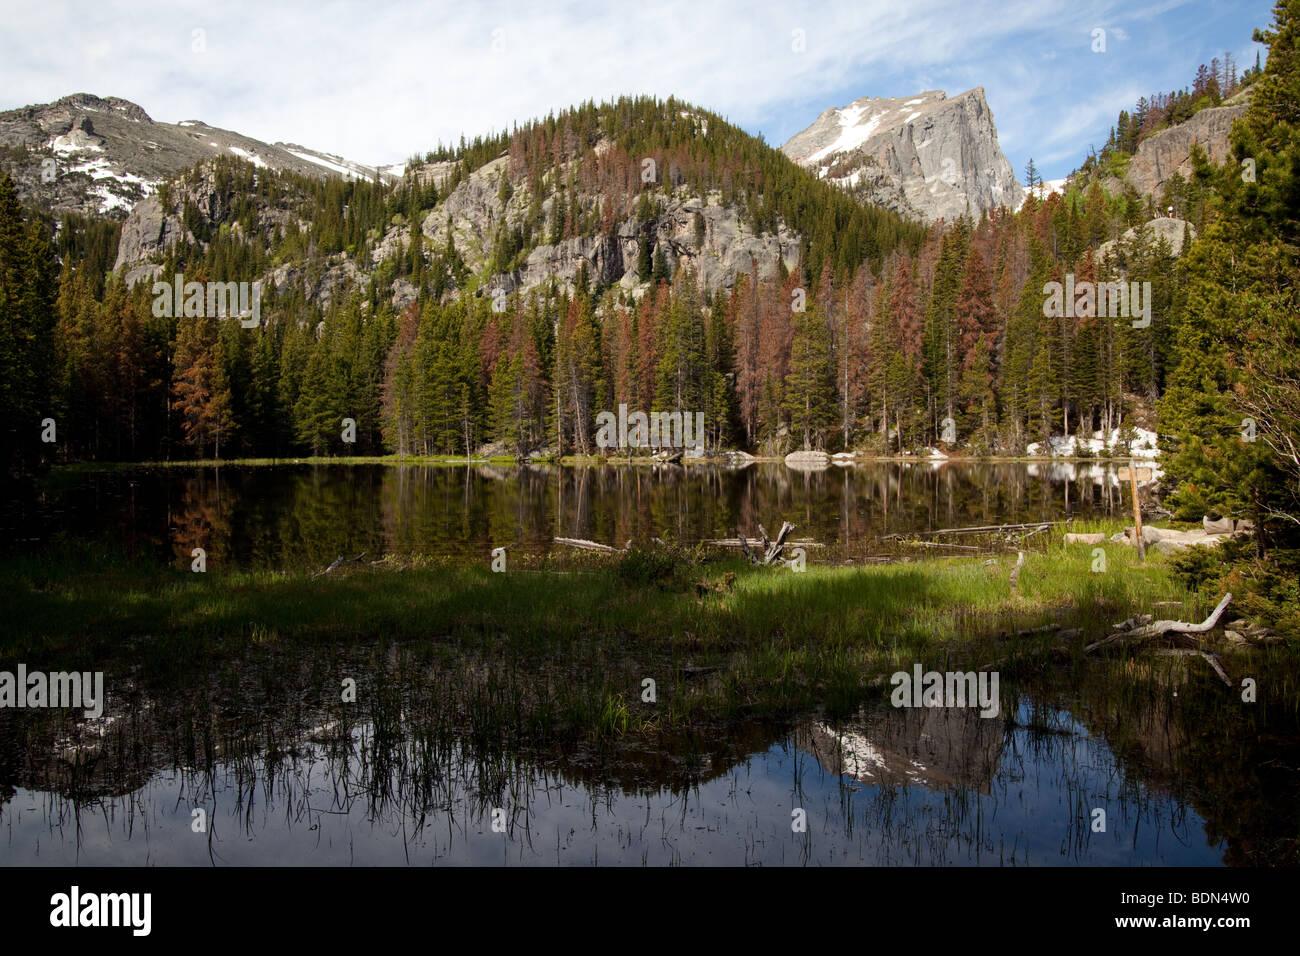 Nymph Lake, Estes Park Colorado - Stock Image